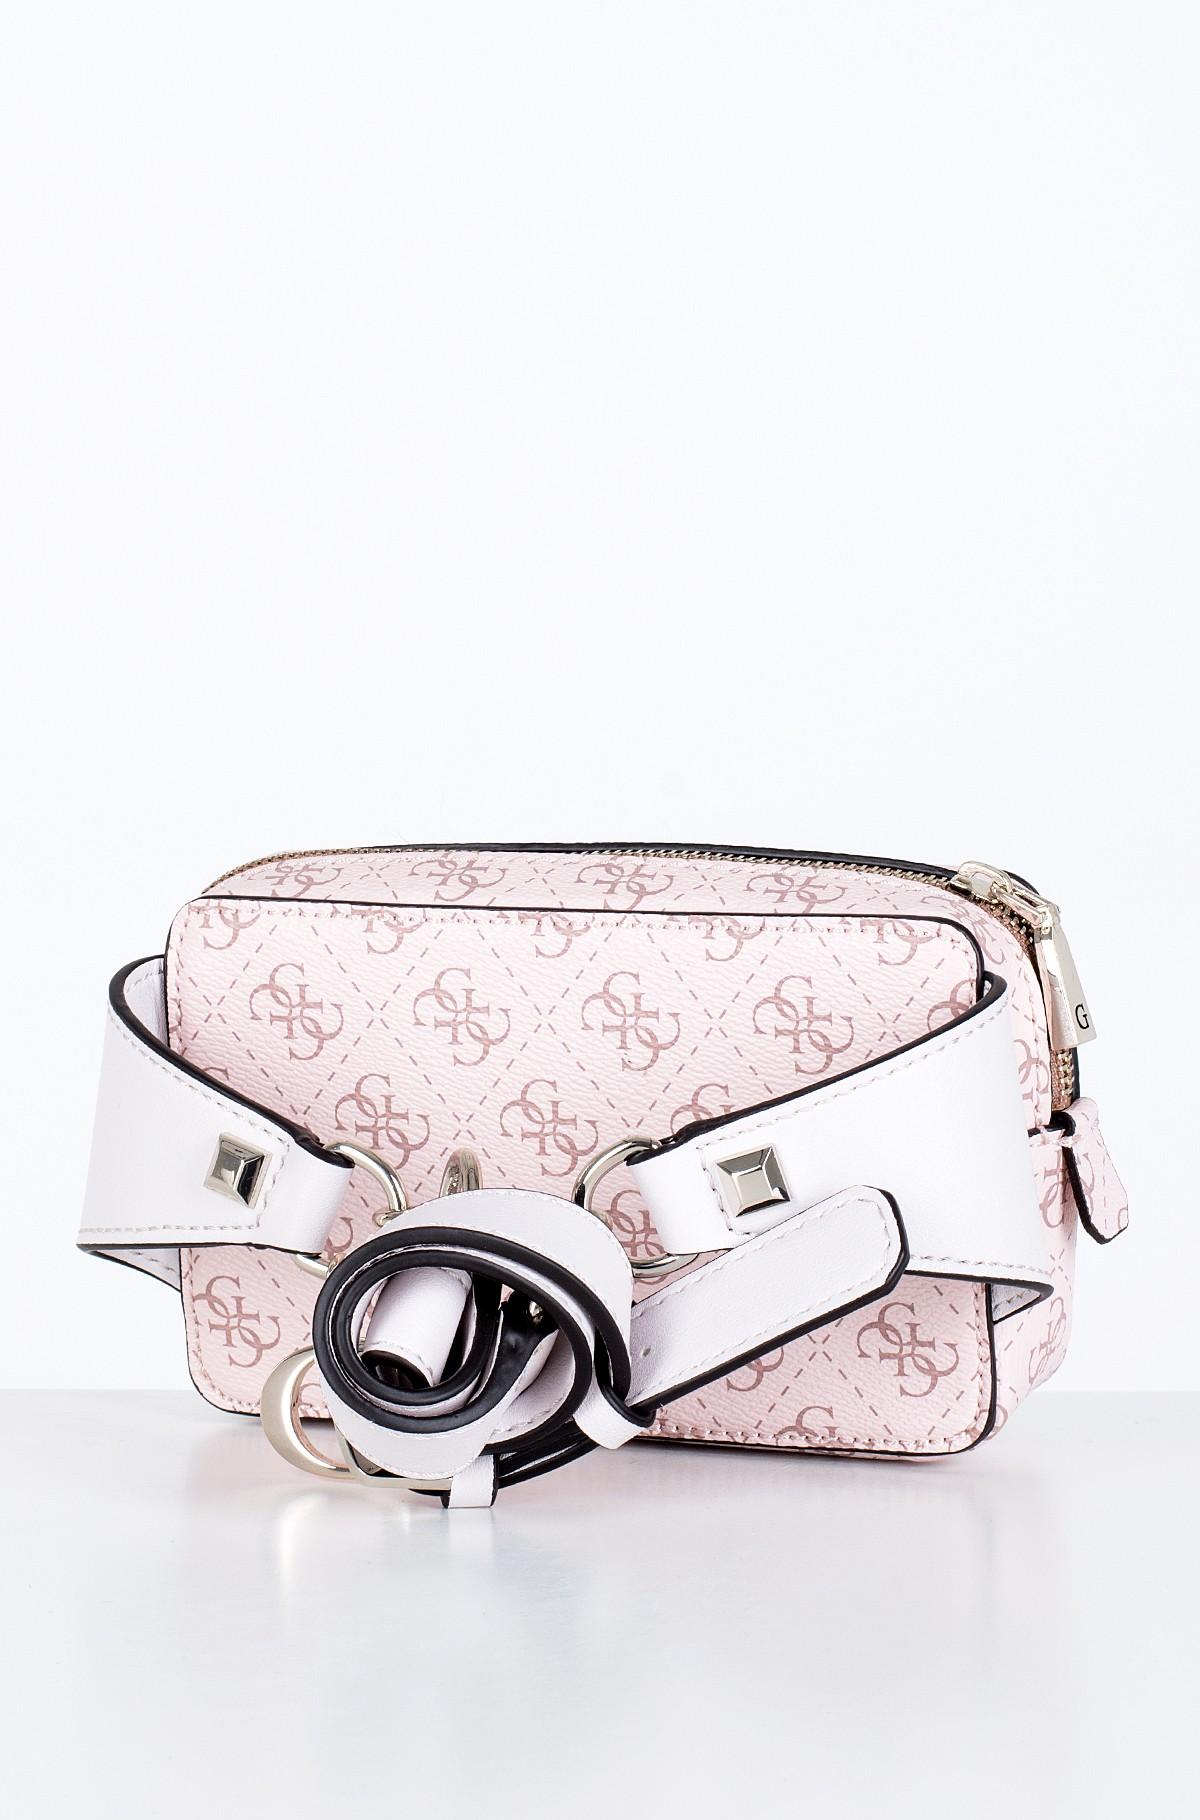 Bum bag HWSG77 41800-full-3